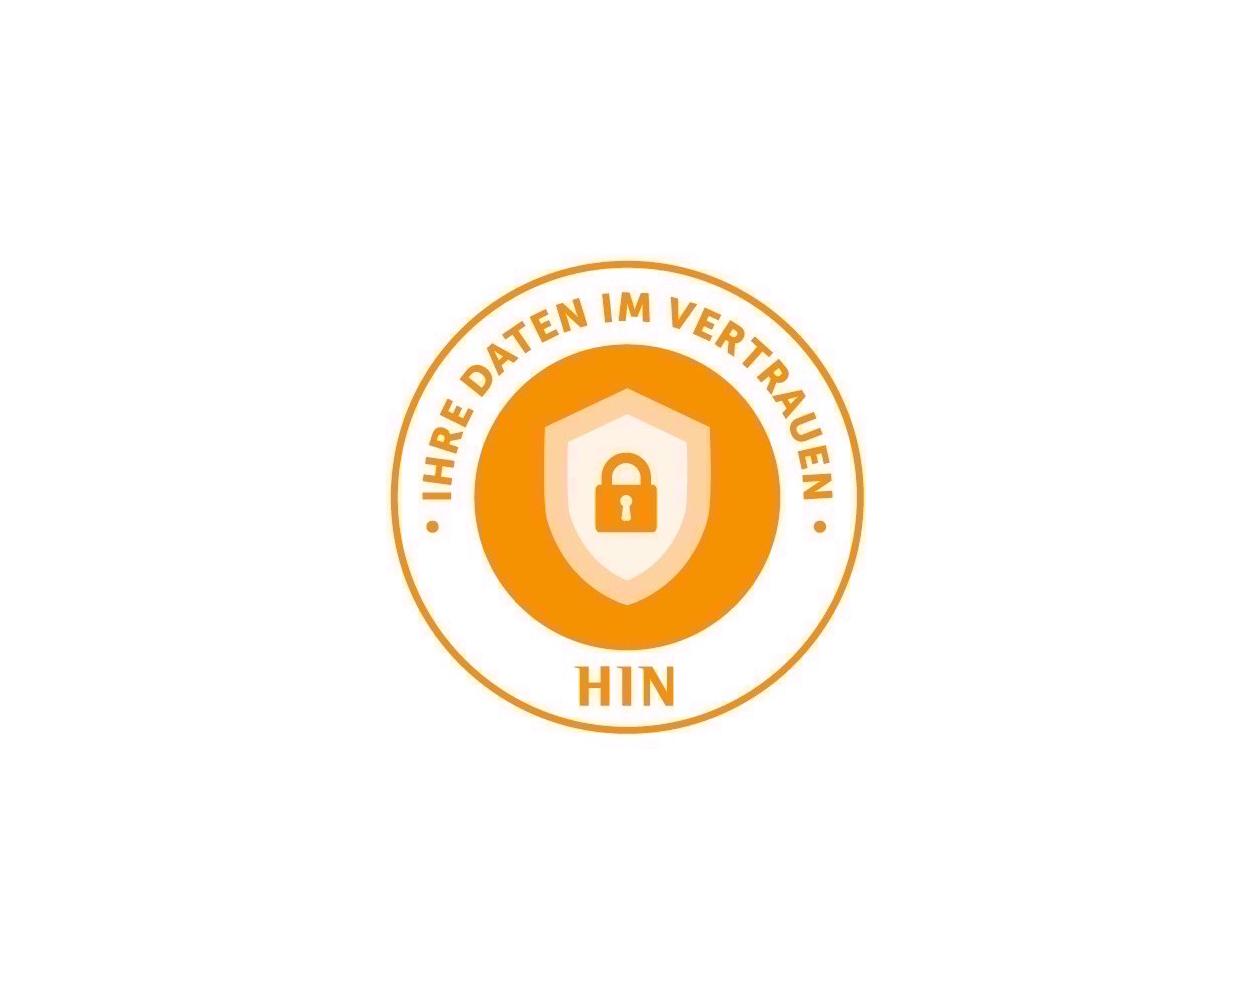 Personaldatenschutz